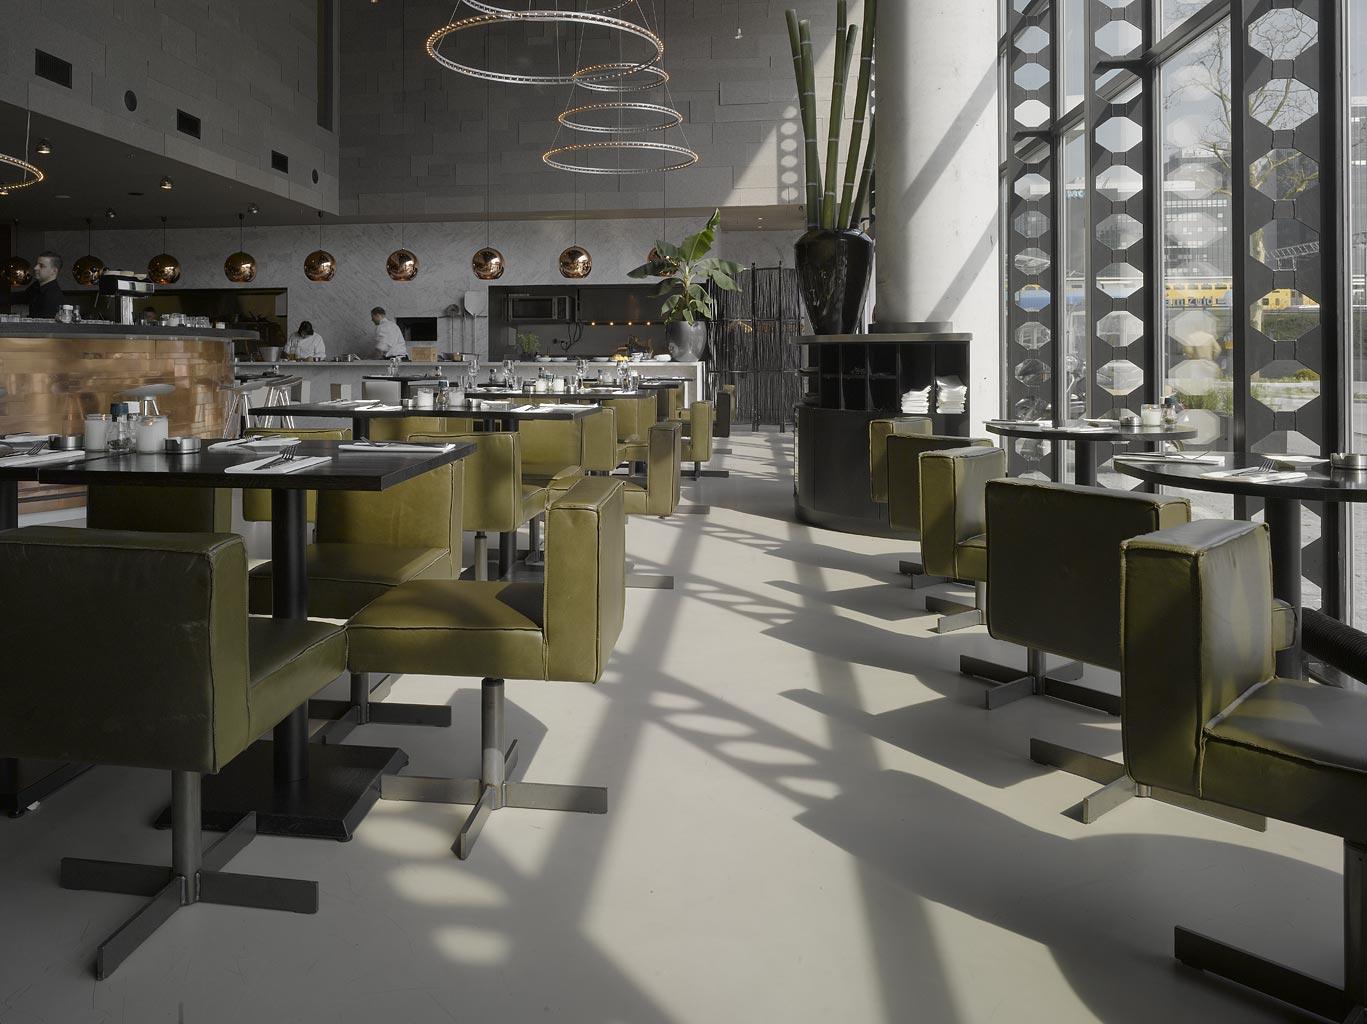 Prast-Hooft-+-Lensvelt-PH1-Chair-Gustavino-Amsterdam